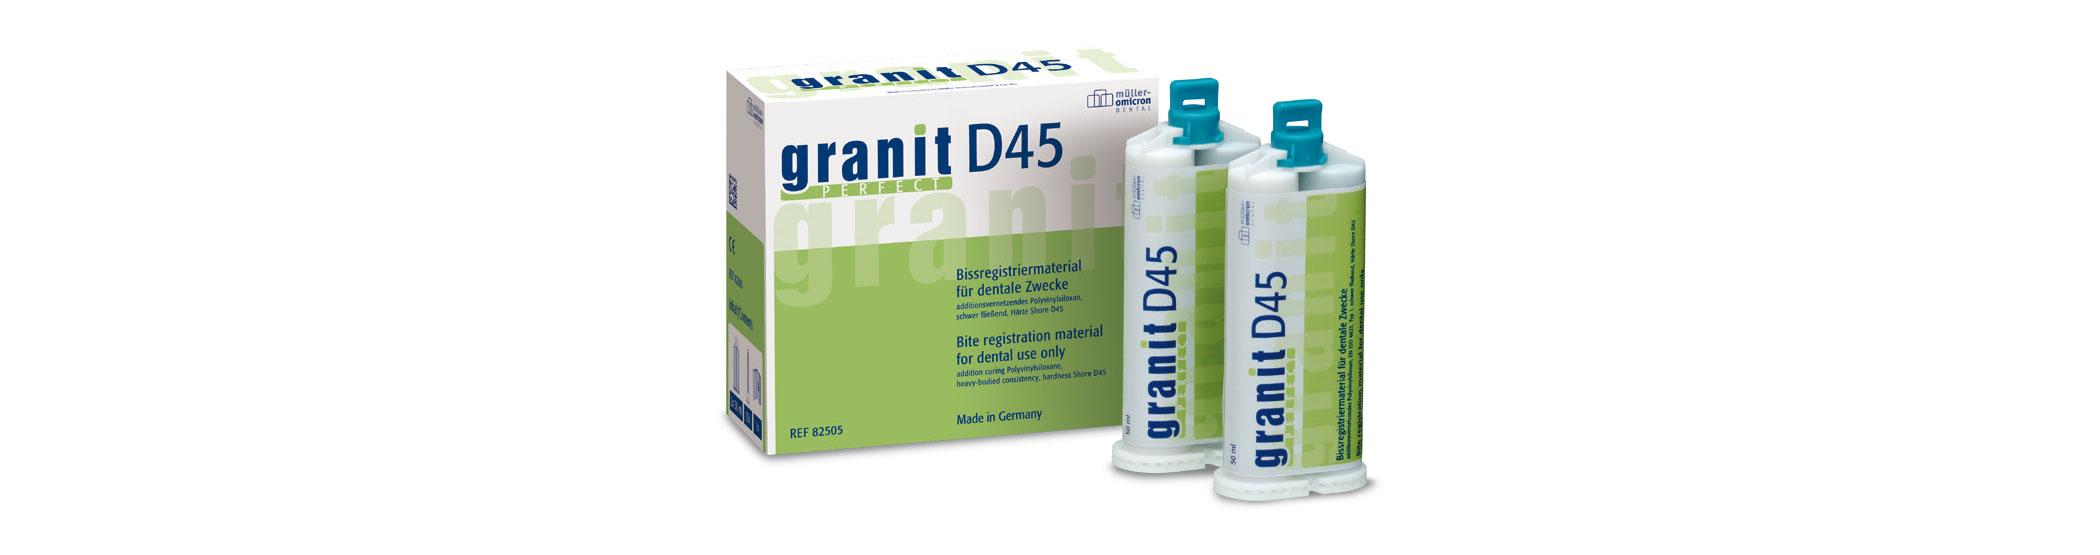 granit PERFECT D45